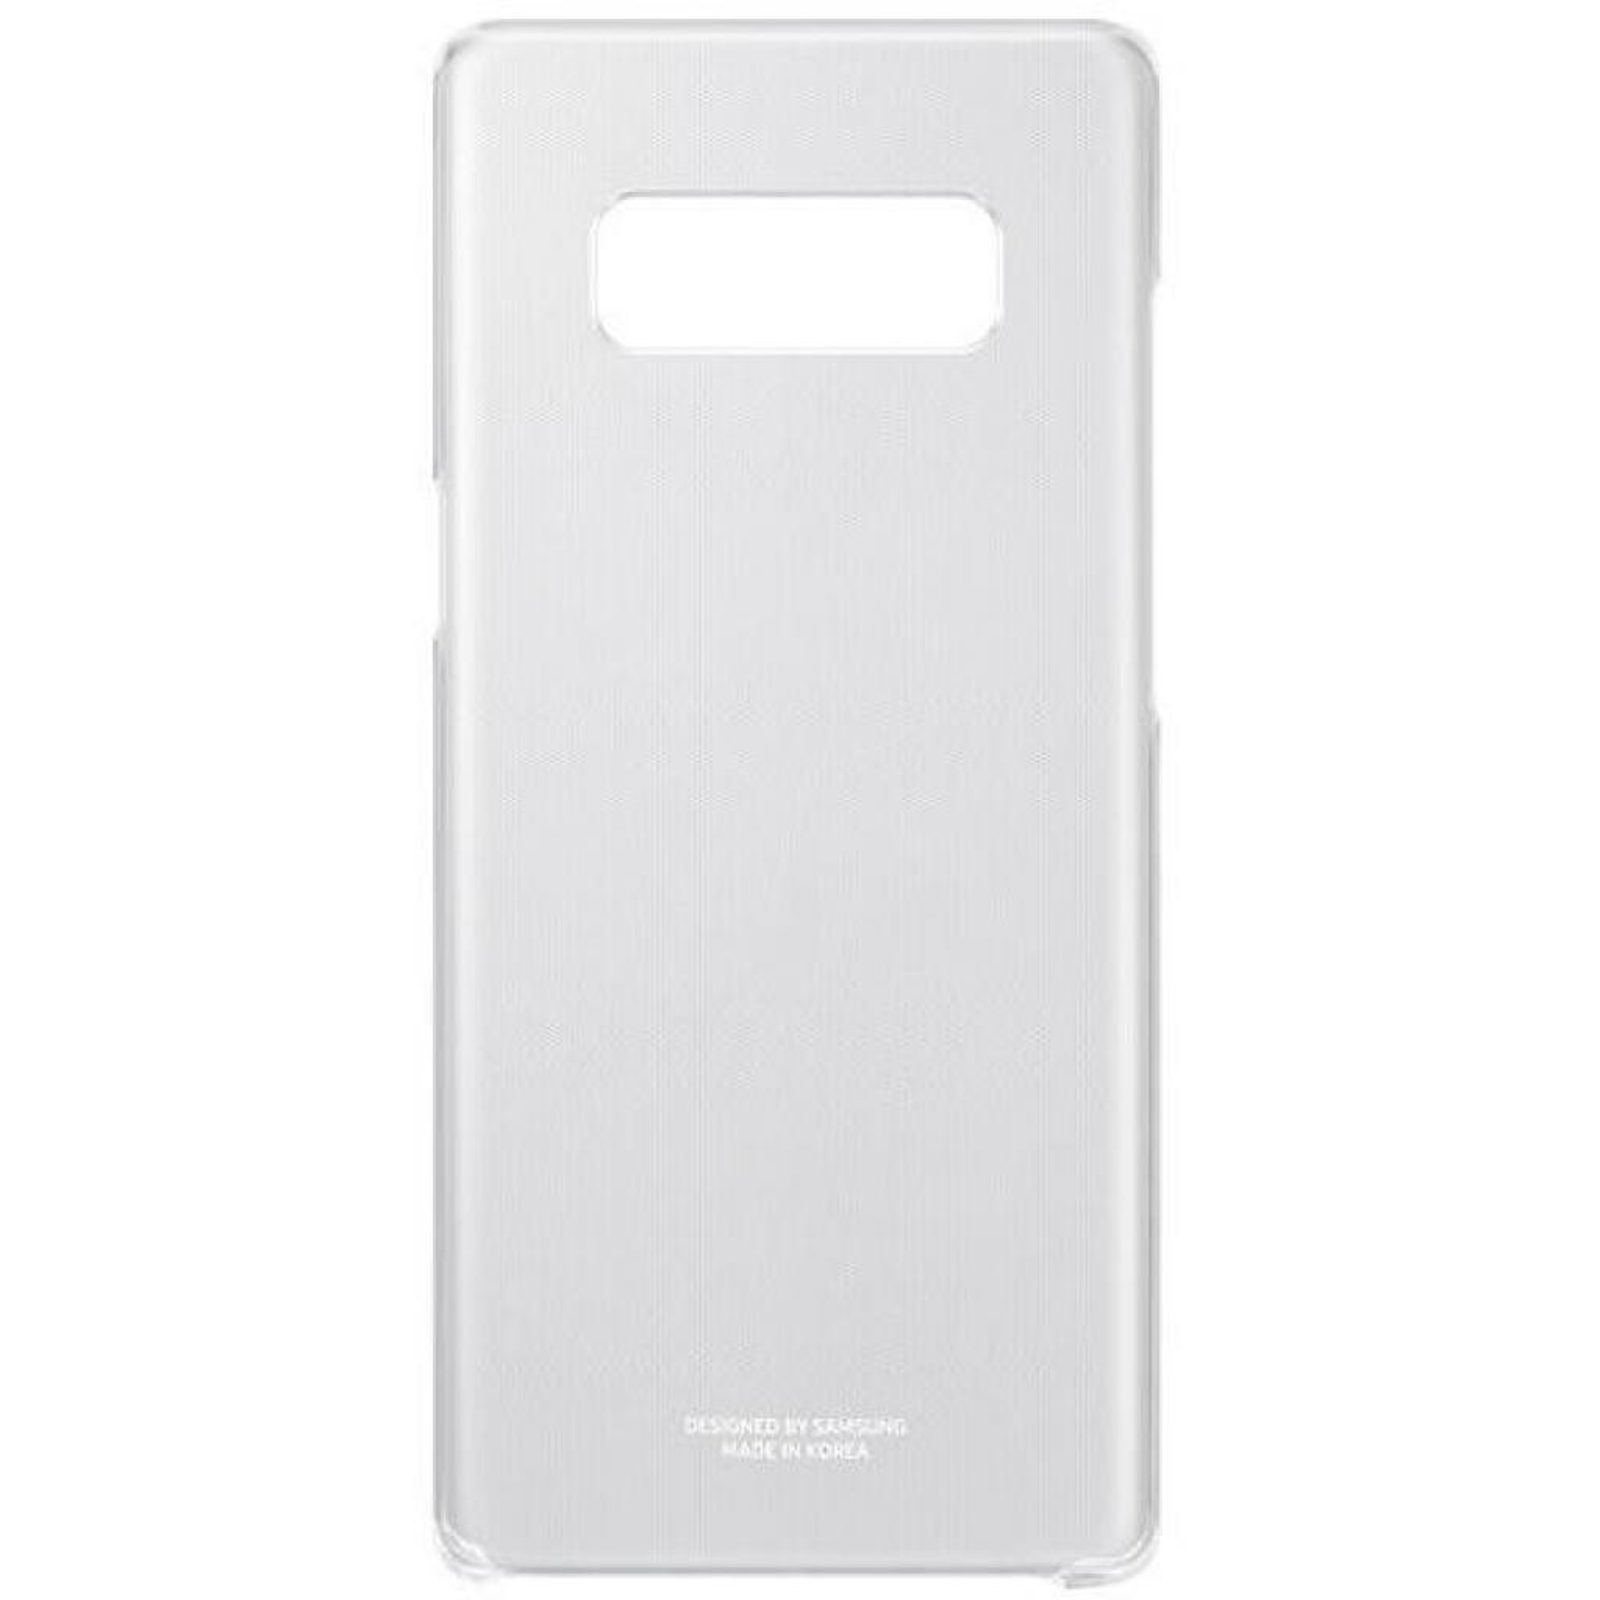 Чехол для моб. телефона Samsung для Galaxy Note 8 (N950) - Clear Cover (Transparent) (EF-QN950CTEGRU) изображение 2